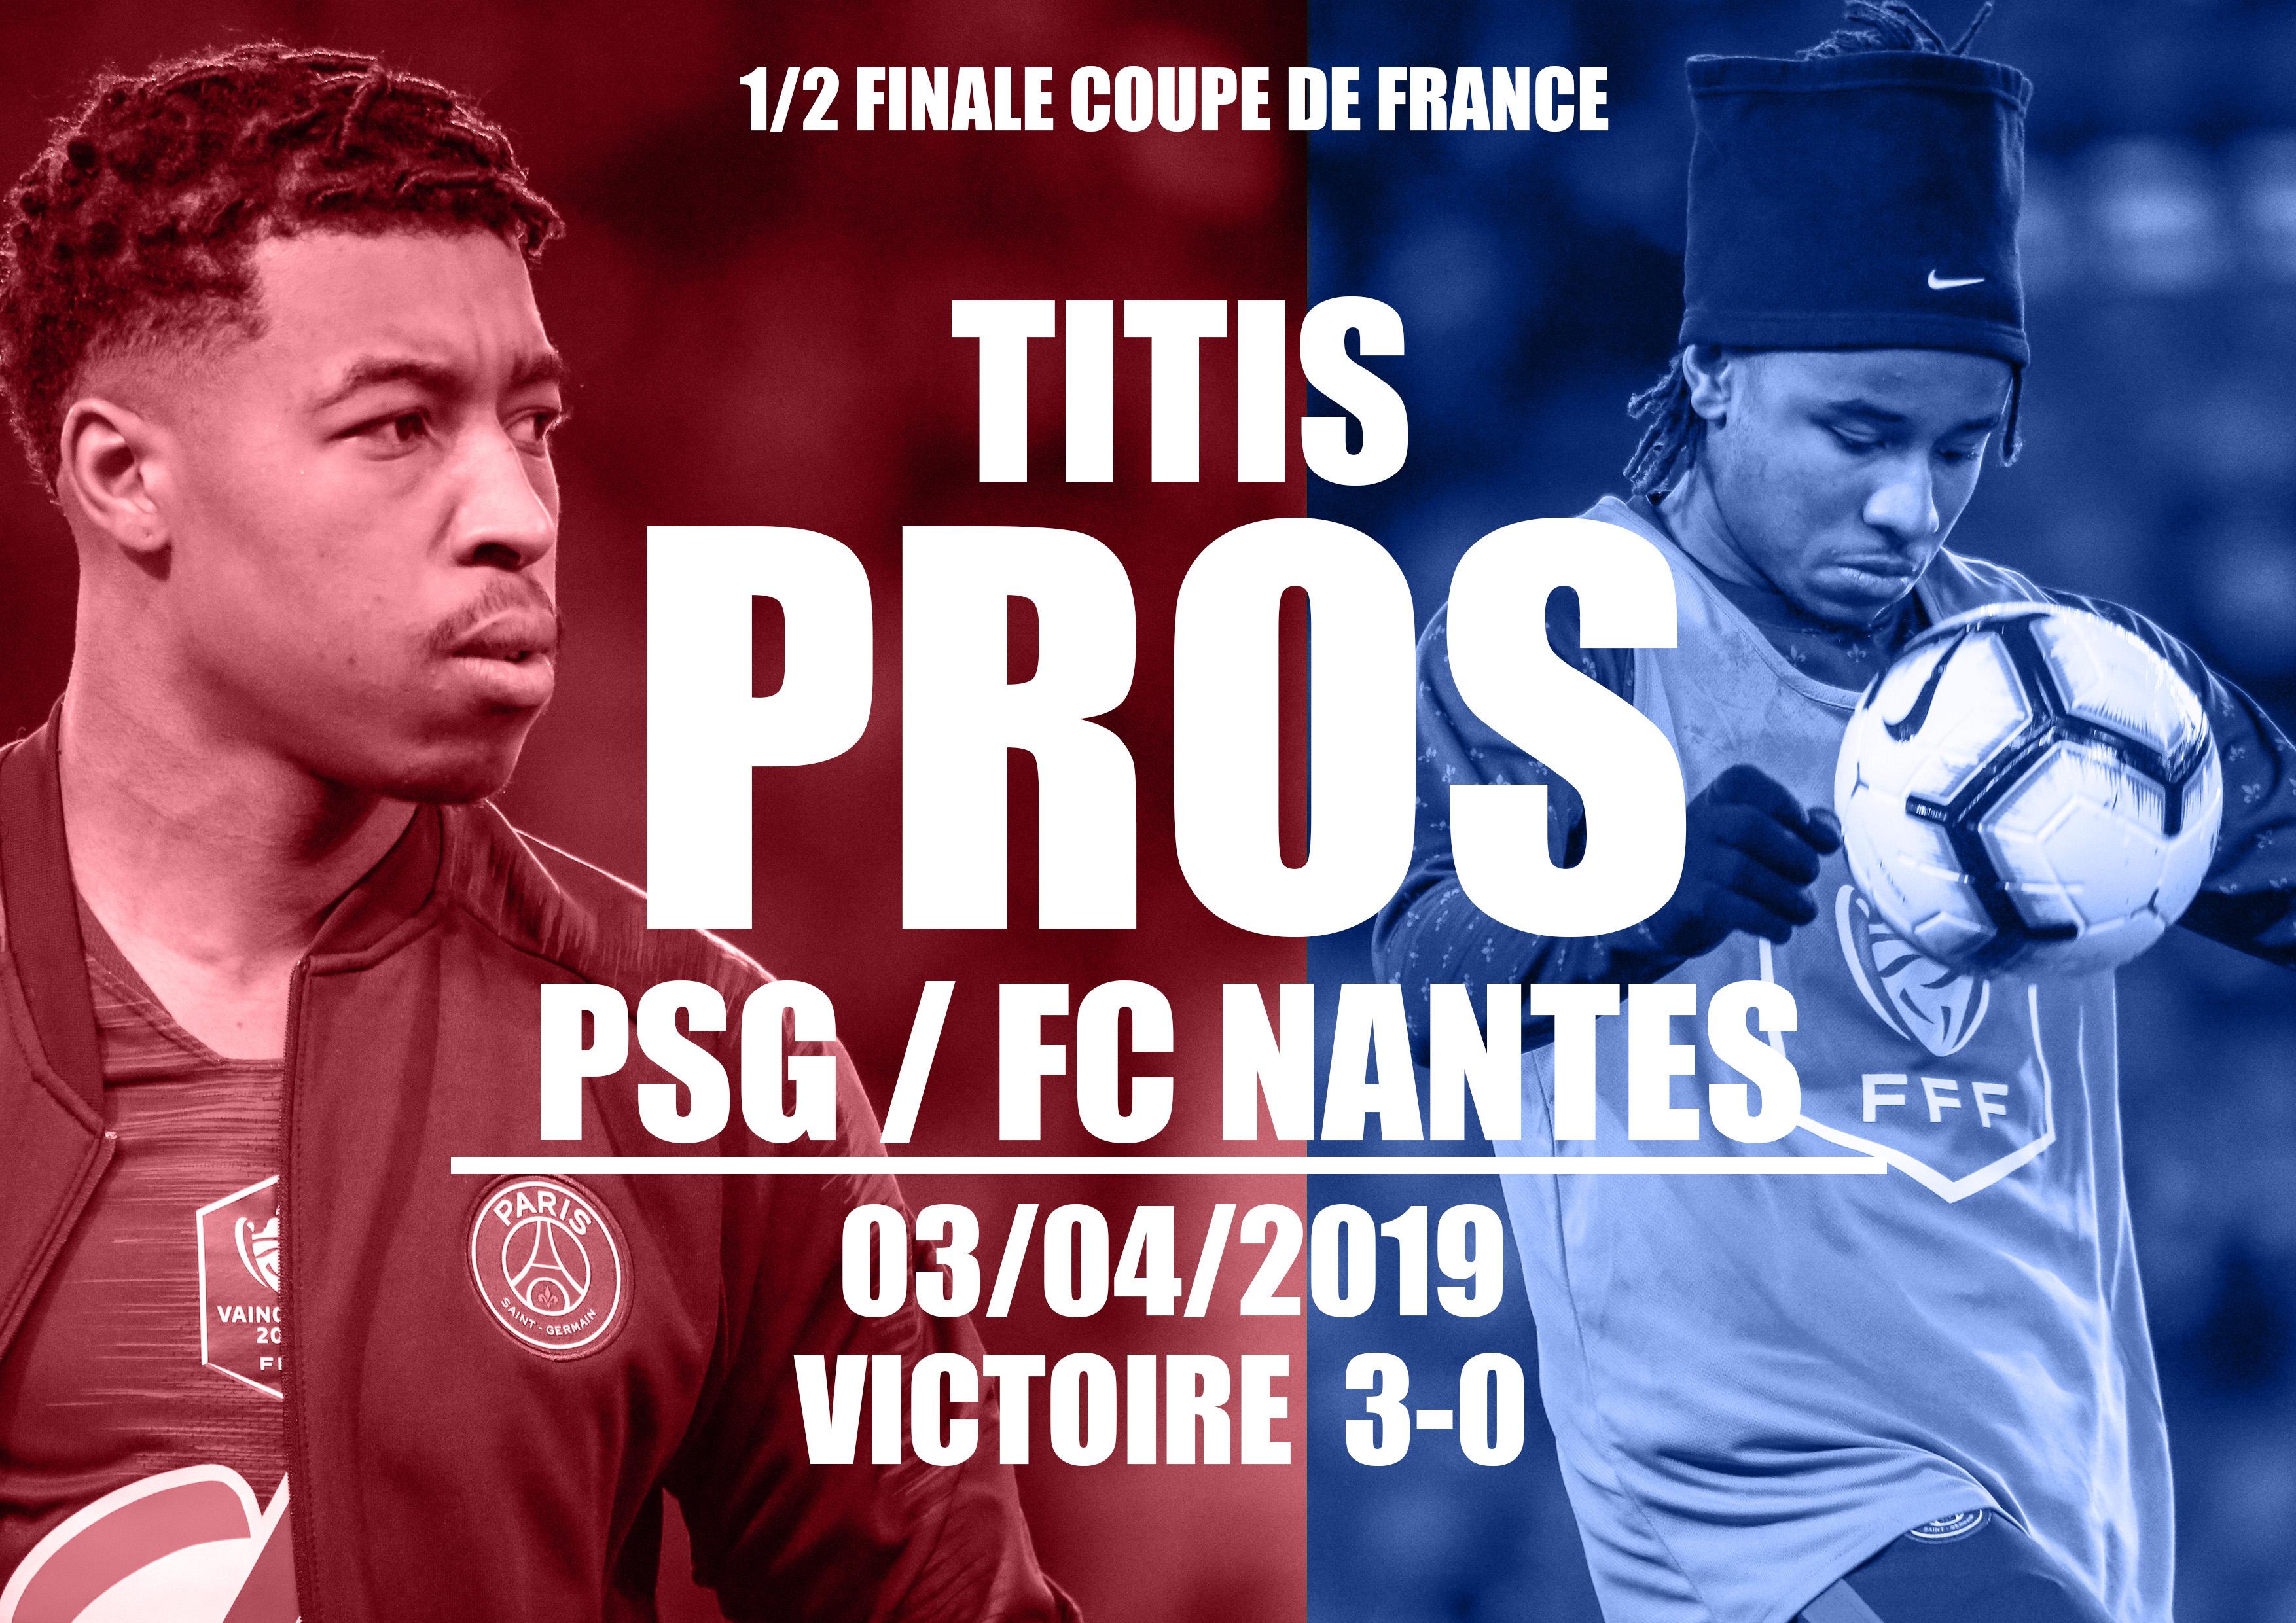 MATCH TITIS PROS DEMIS FINALE COUPE DE FRANCE PSG-FC NANTES (03/04/2019)